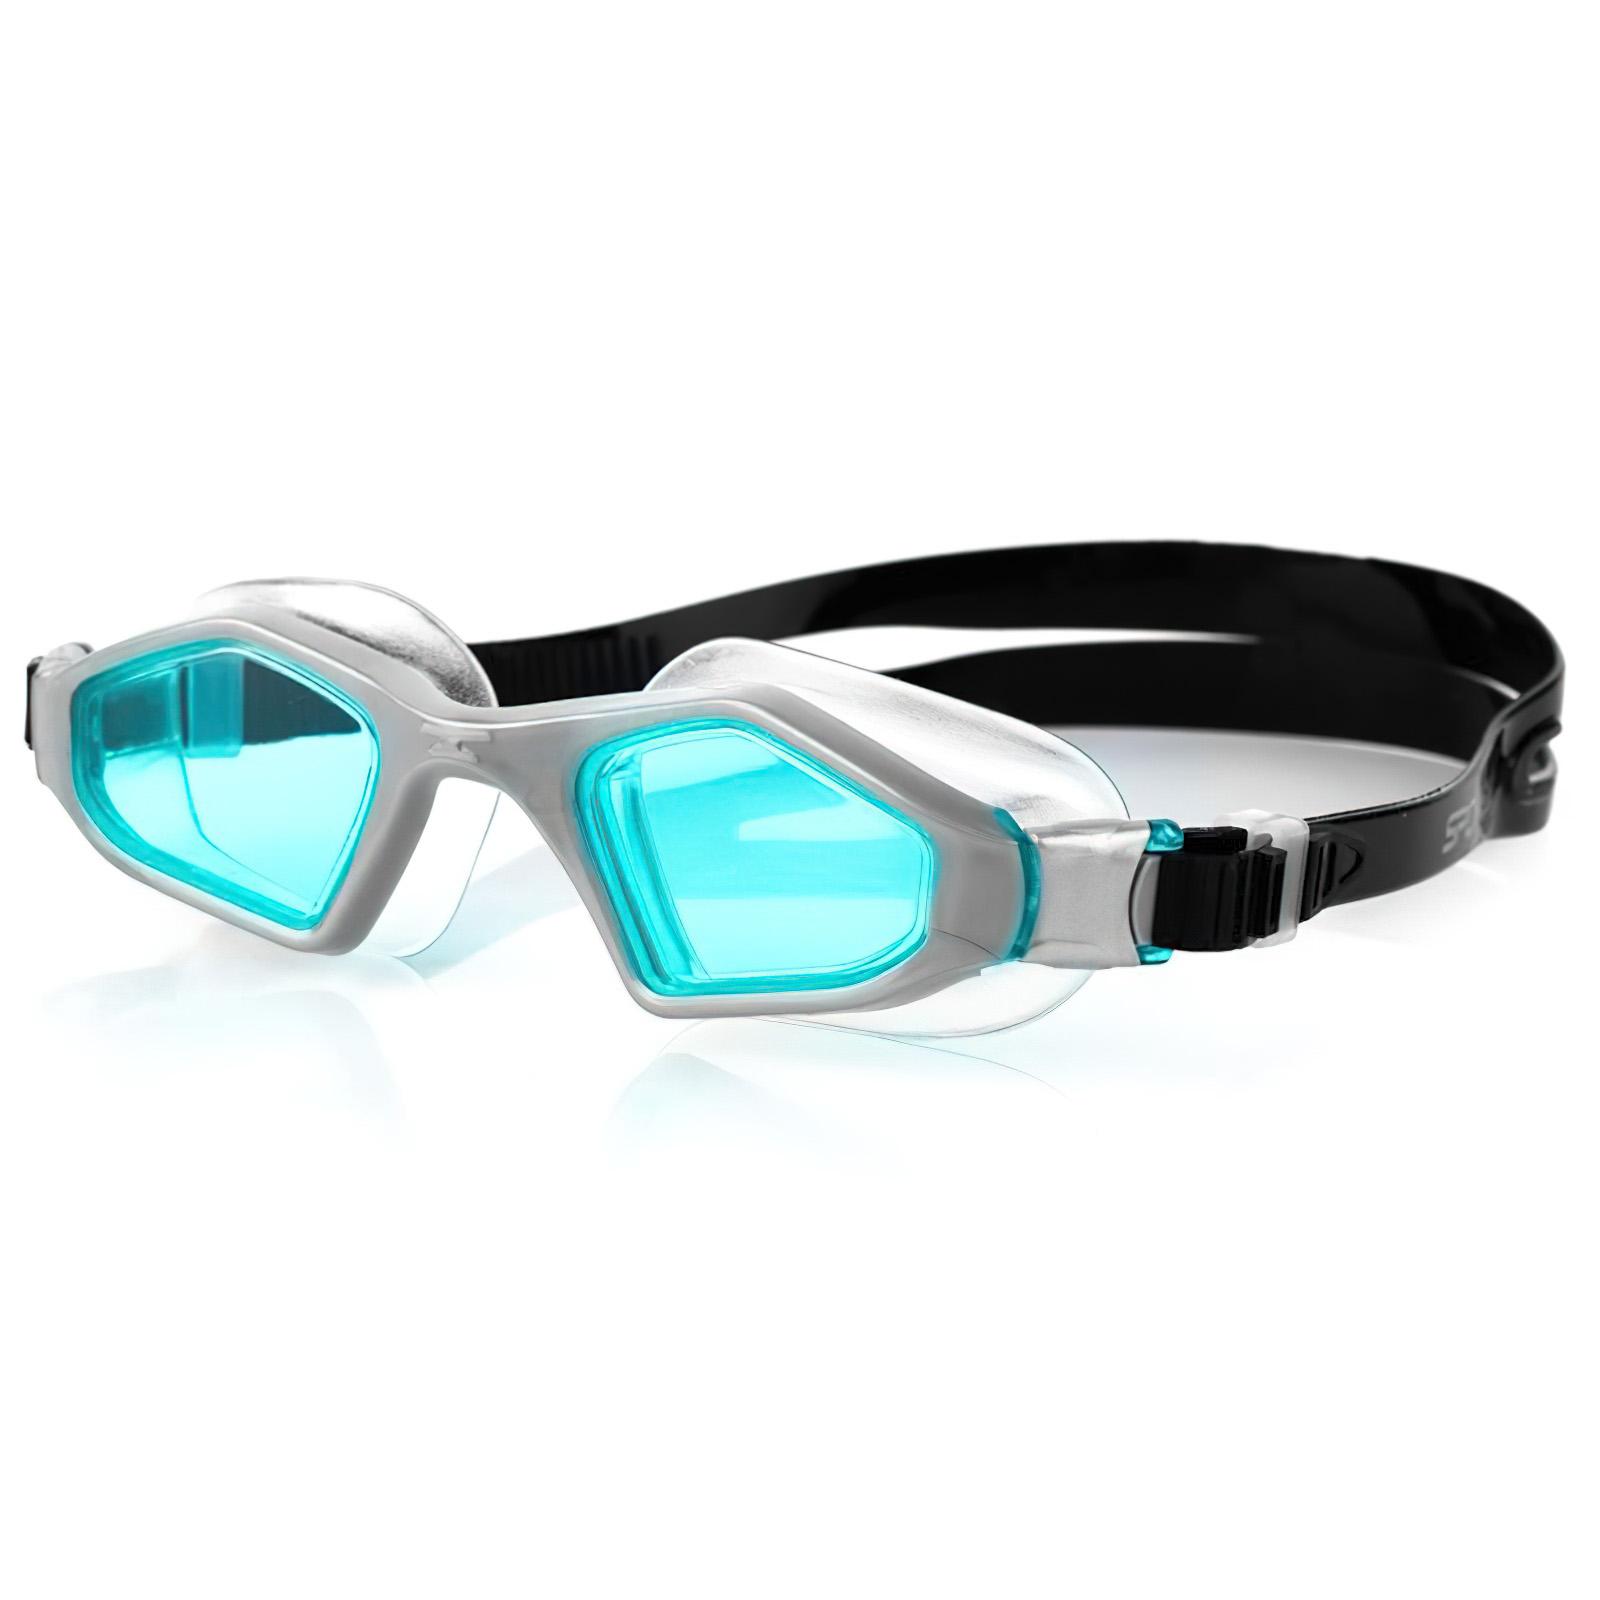 Plavecké brýle RAMB stříbrné